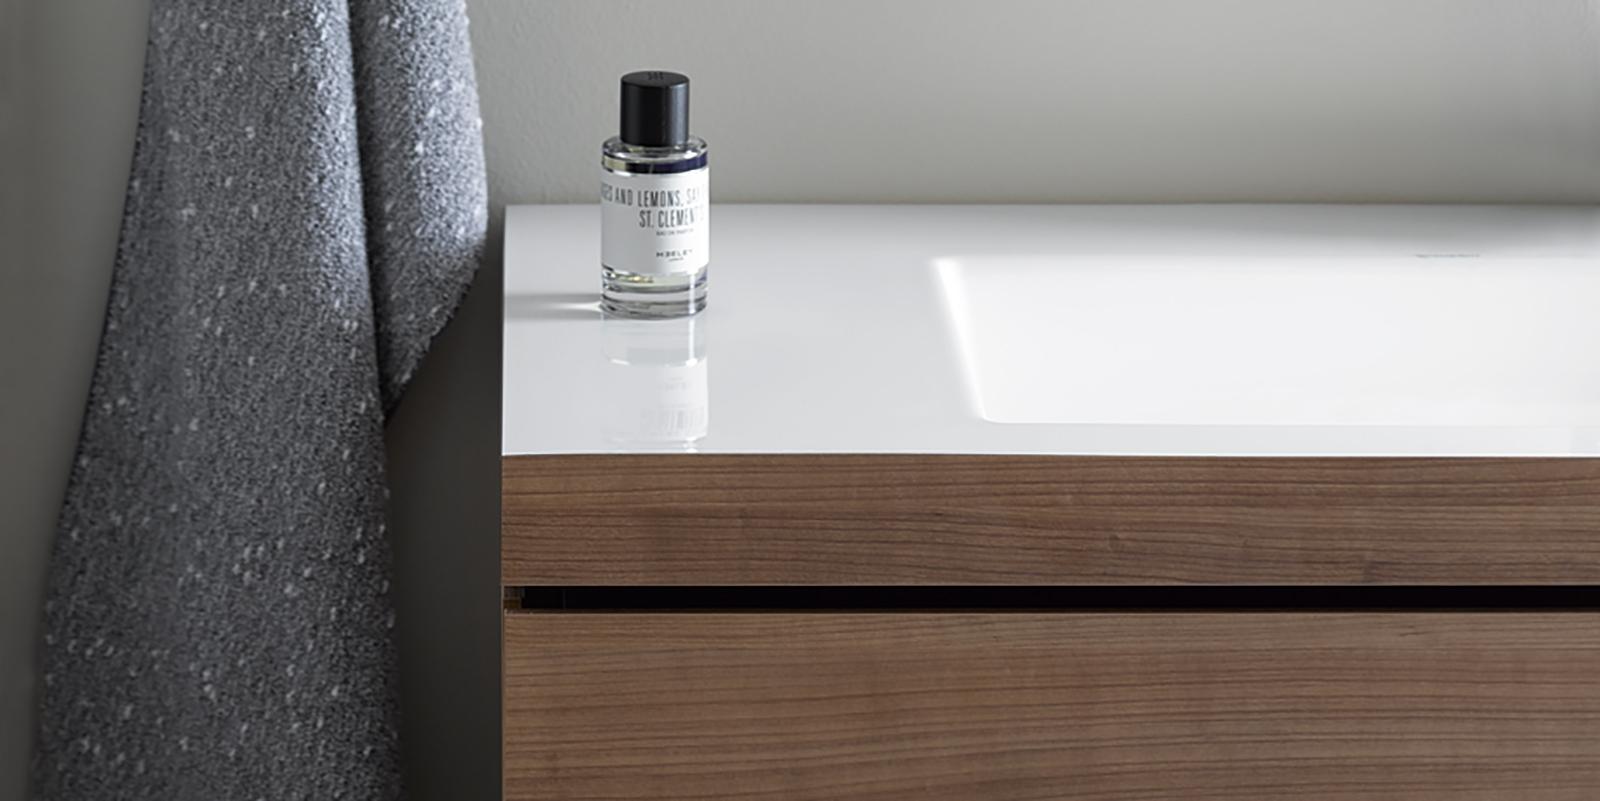 Duravit Vero Air Möbel mit c-bonded-Technlogie bei xTWOstore - Detailbild